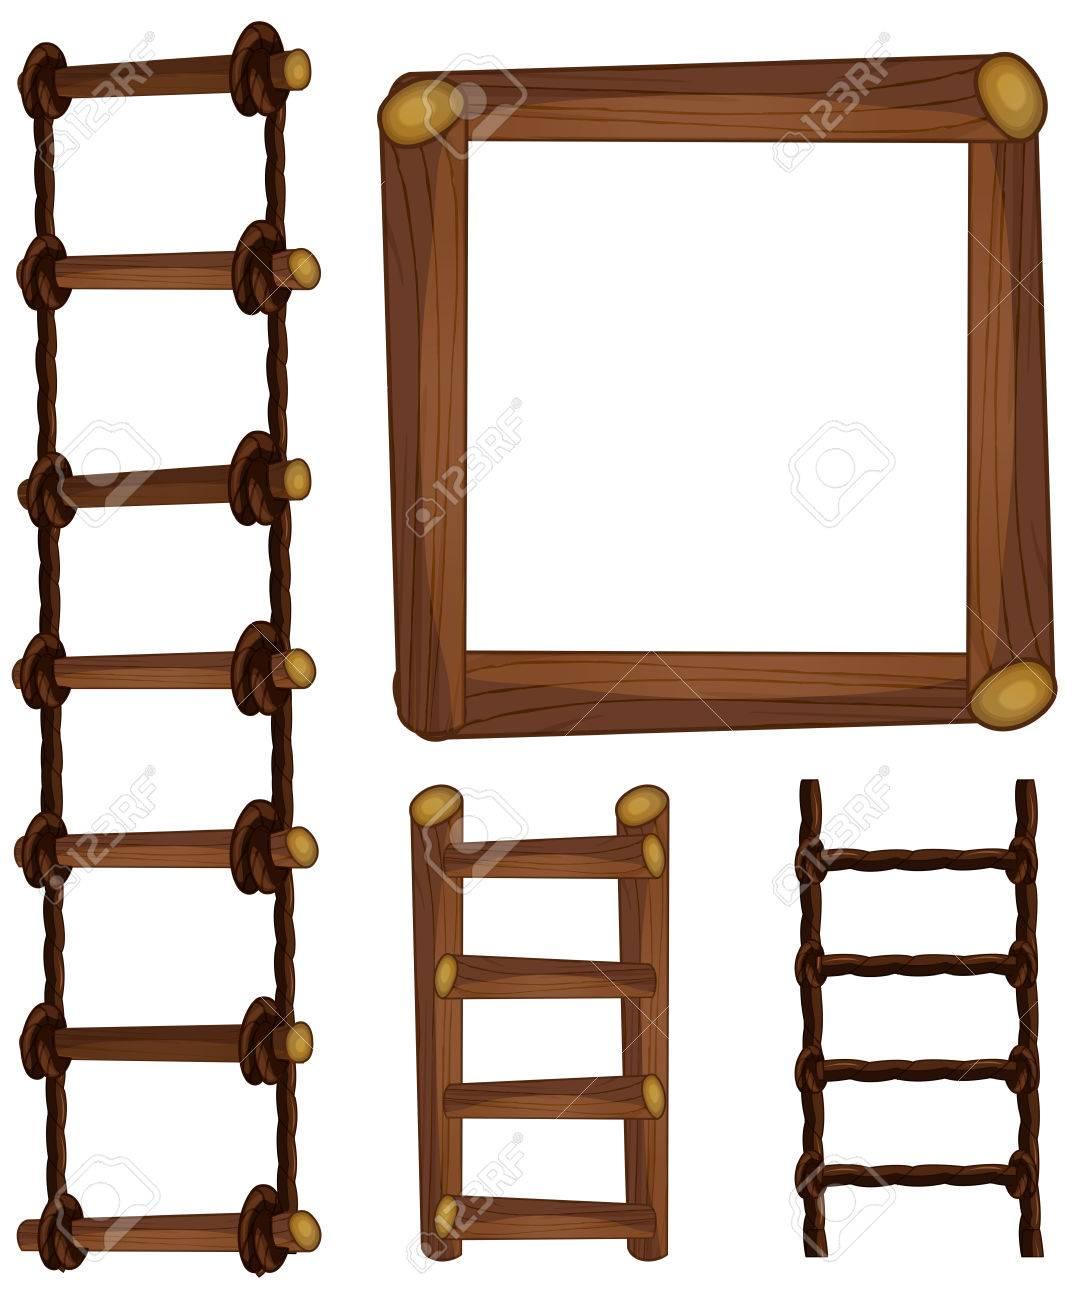 はしごや木枠イラストのイラスト素材ベクタ Image 73505603